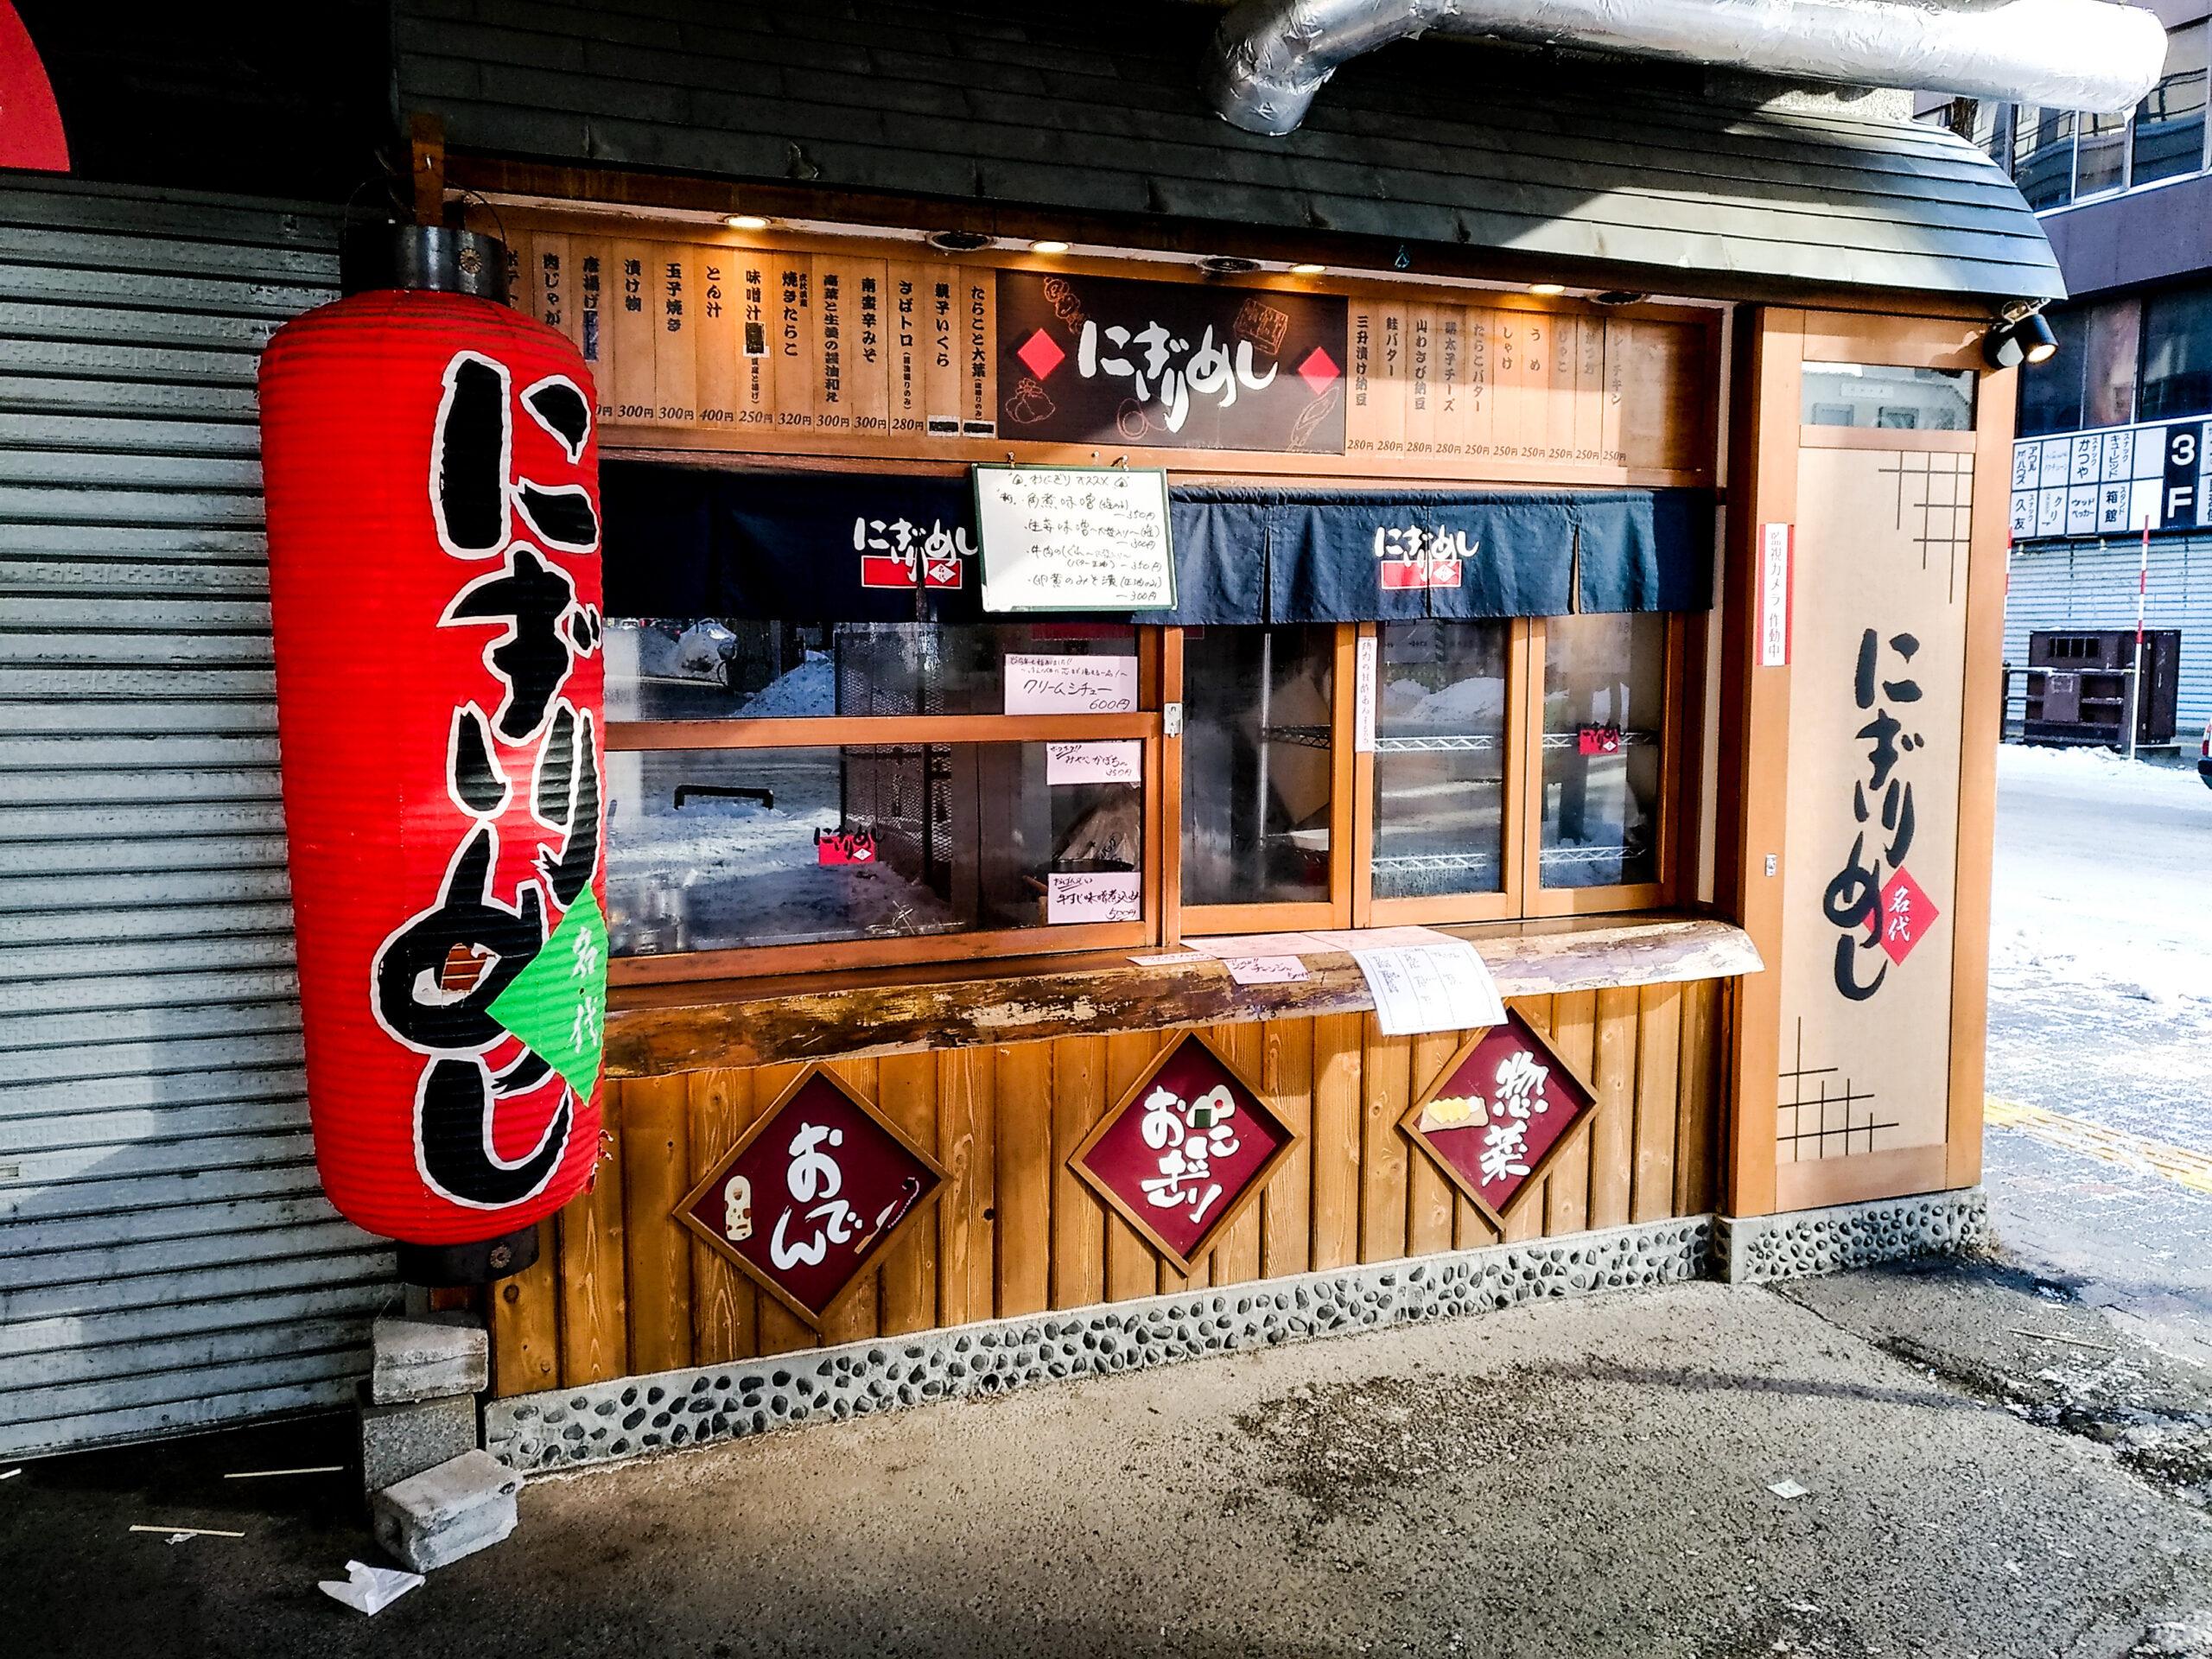 2019北海道(7)-自助遊x北海道飲食紀錄(下集)x不一定要吃的有哪些?